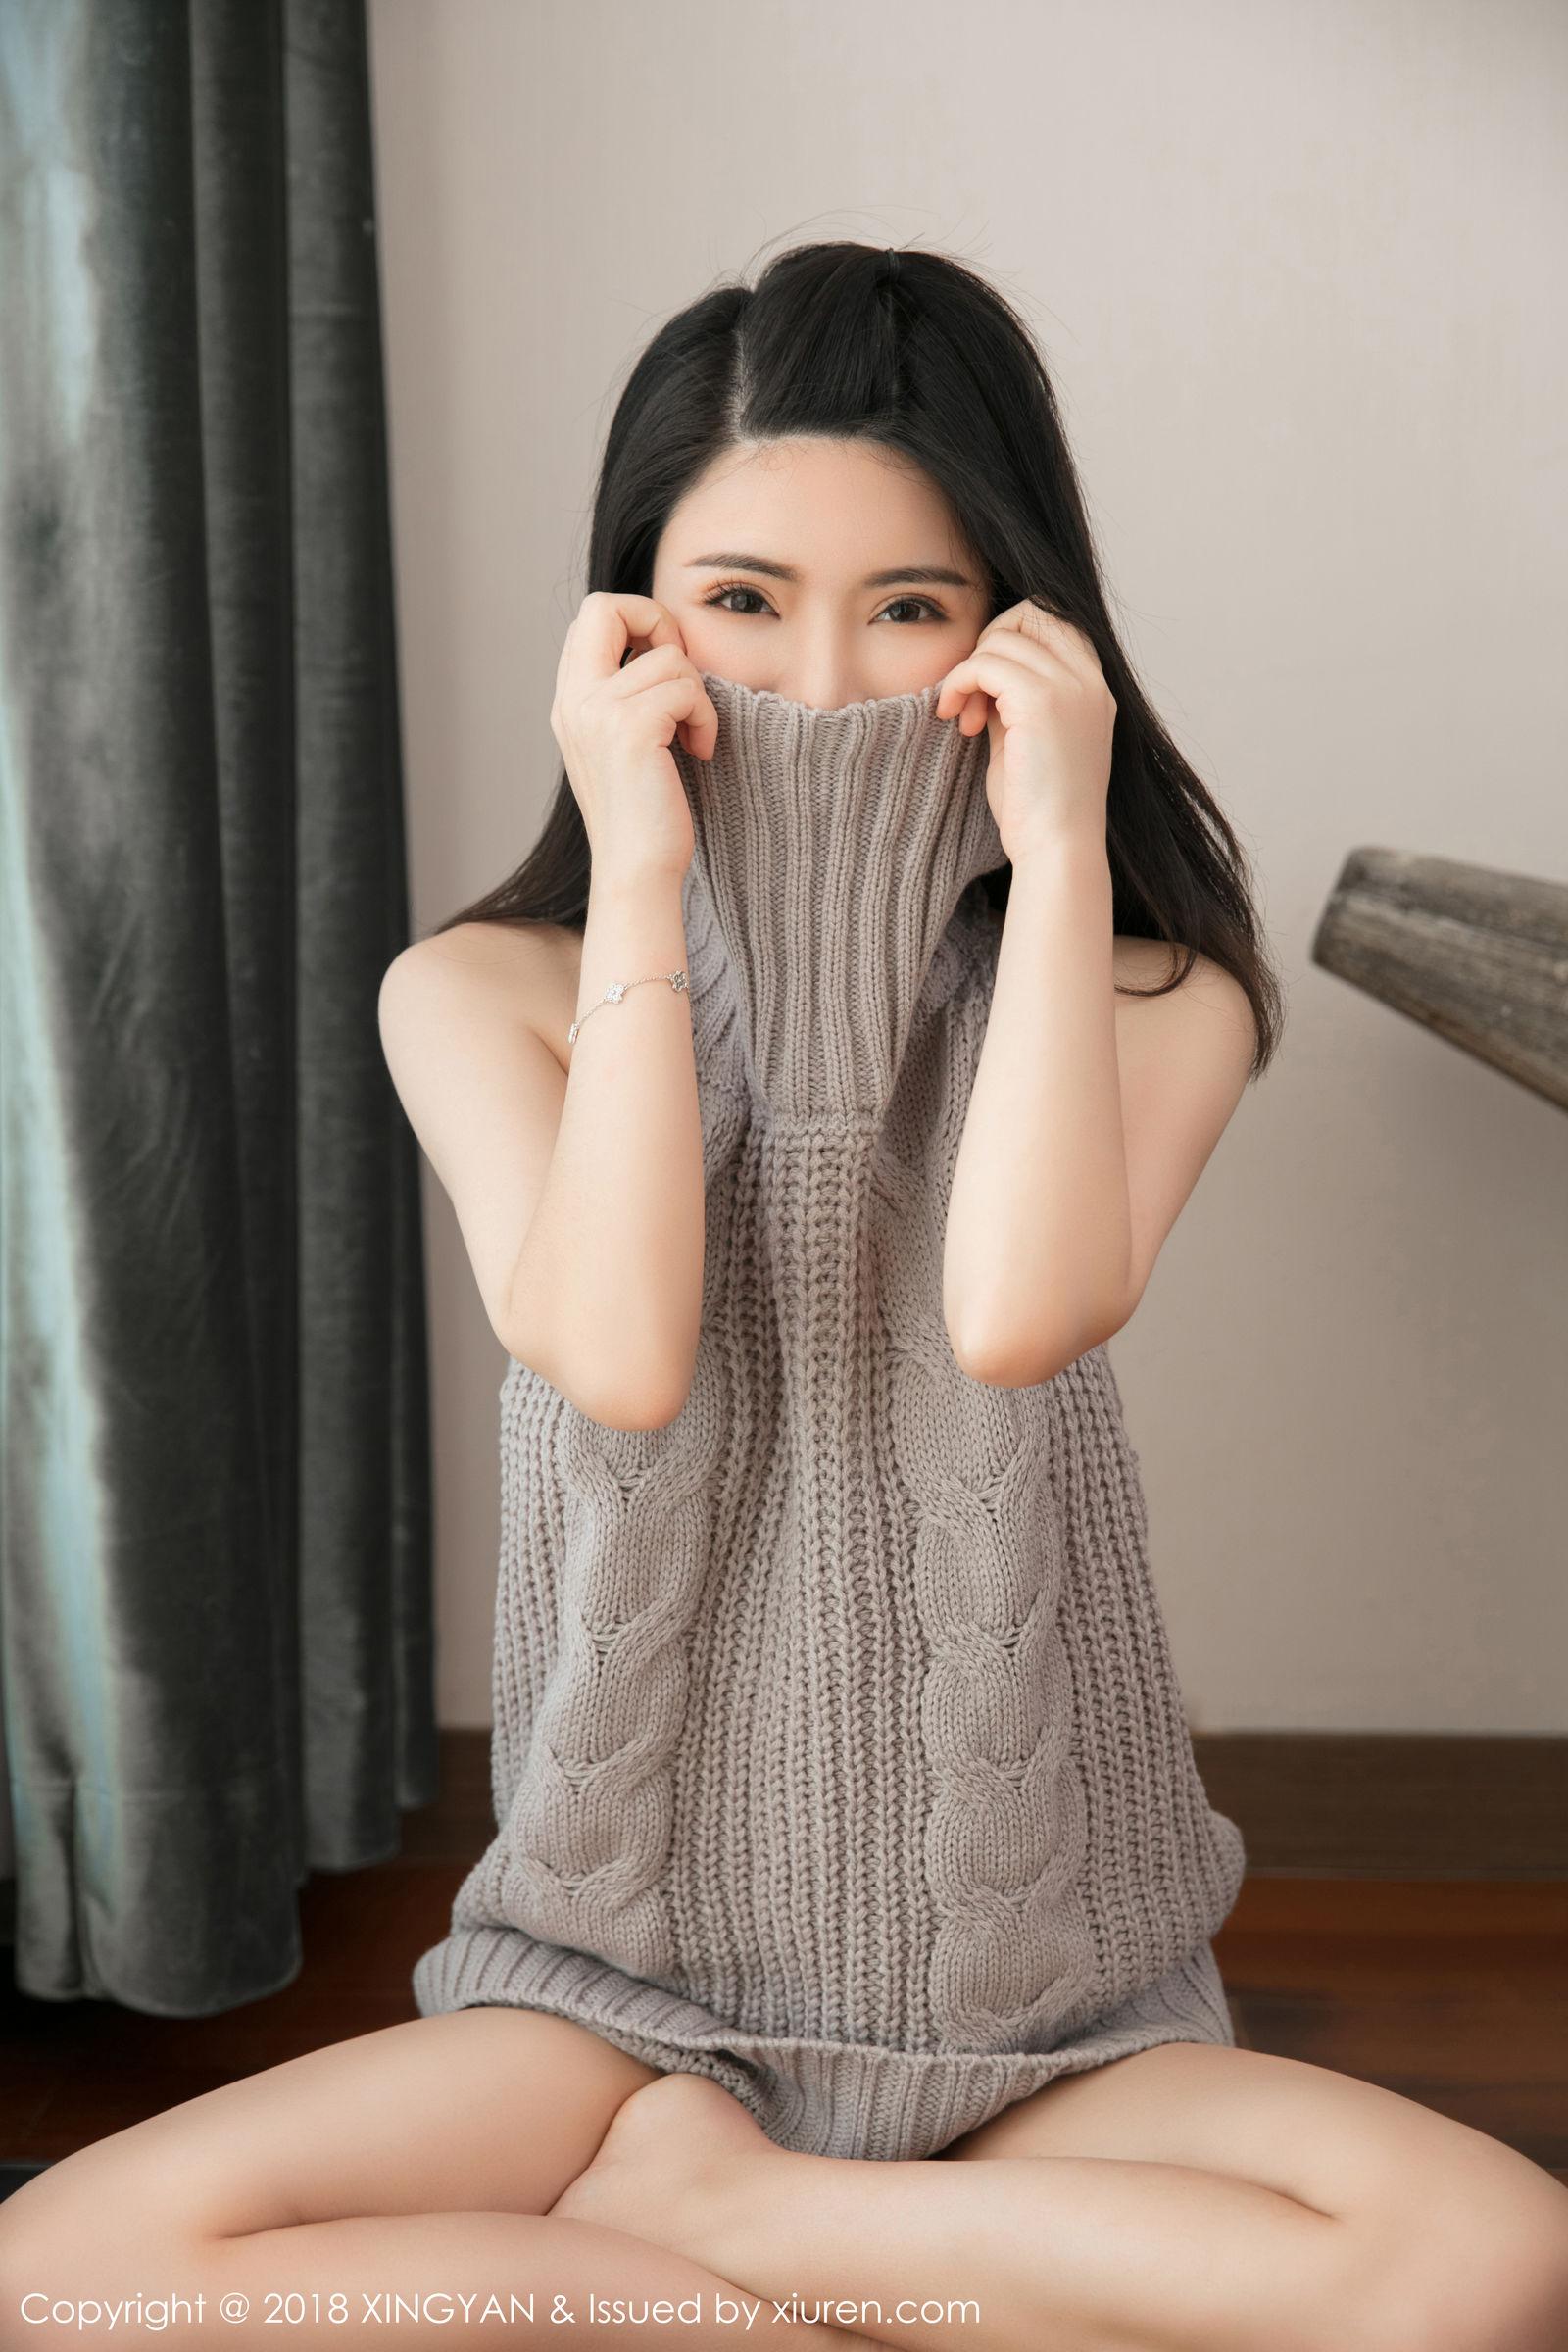 新人模特@陈曦Lily首套写真